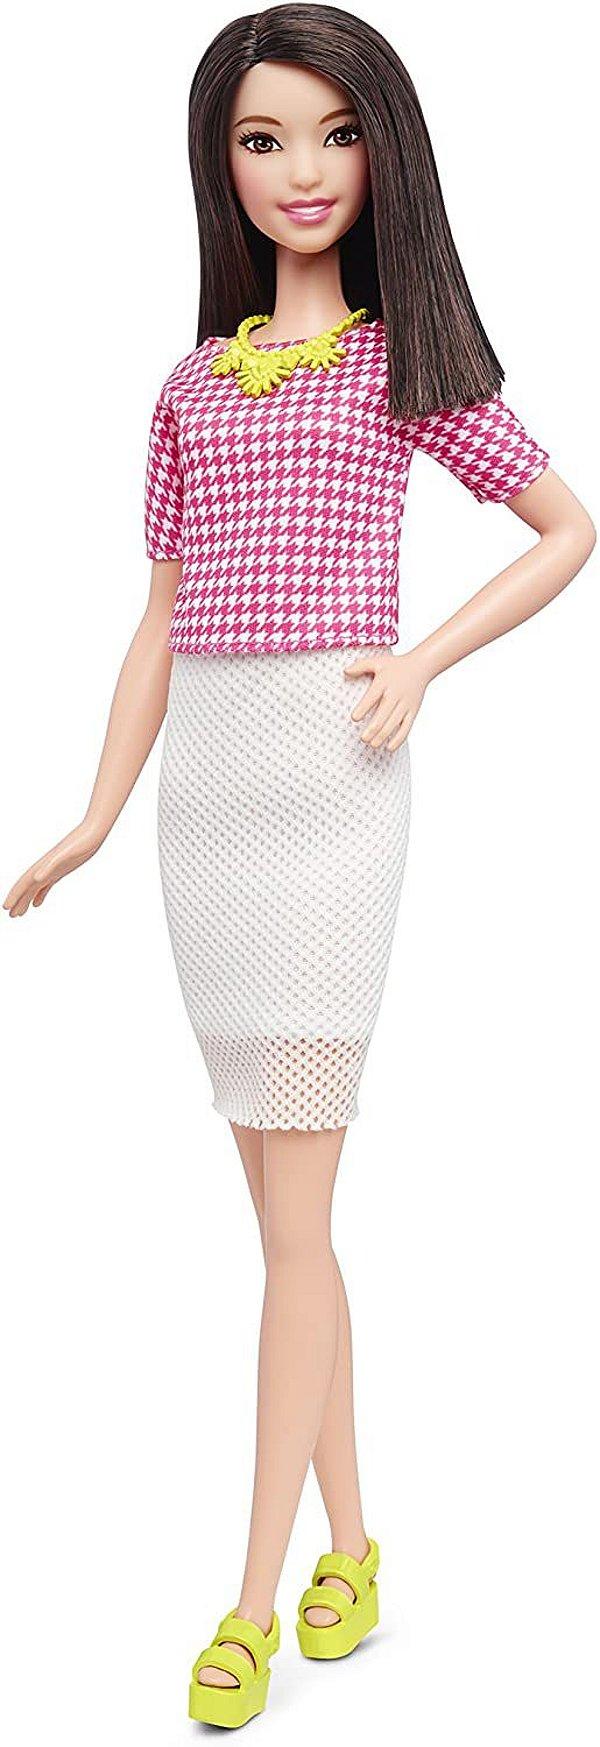 Boneca Barbie Fashionista Branco & Rosa Pizzazz - Mattel